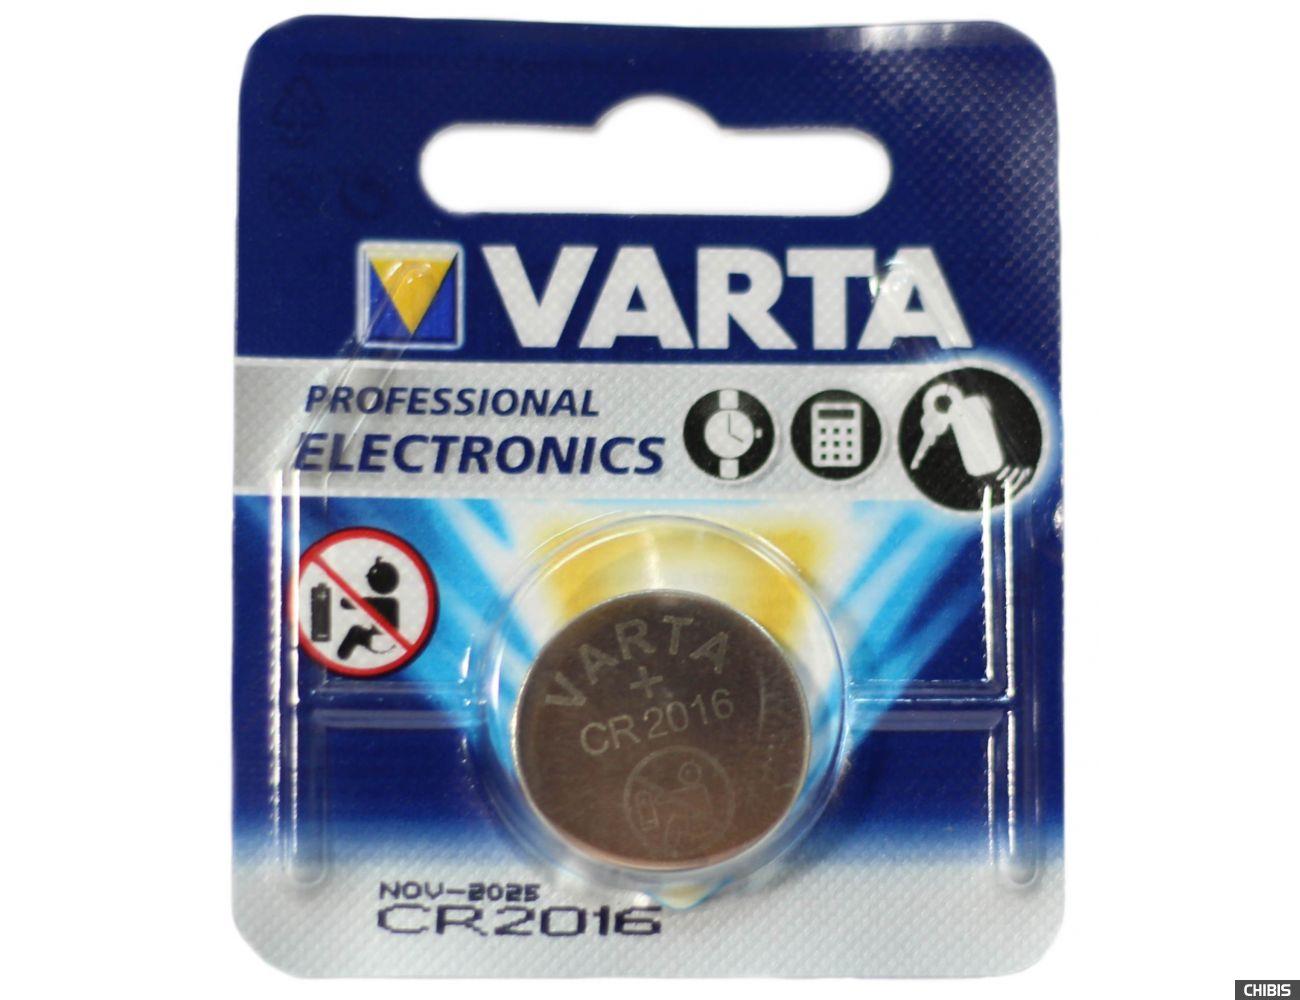 Батарейка CR 2016 Varta Professional Electronics 3V Литиевая 06016101401 1 шт